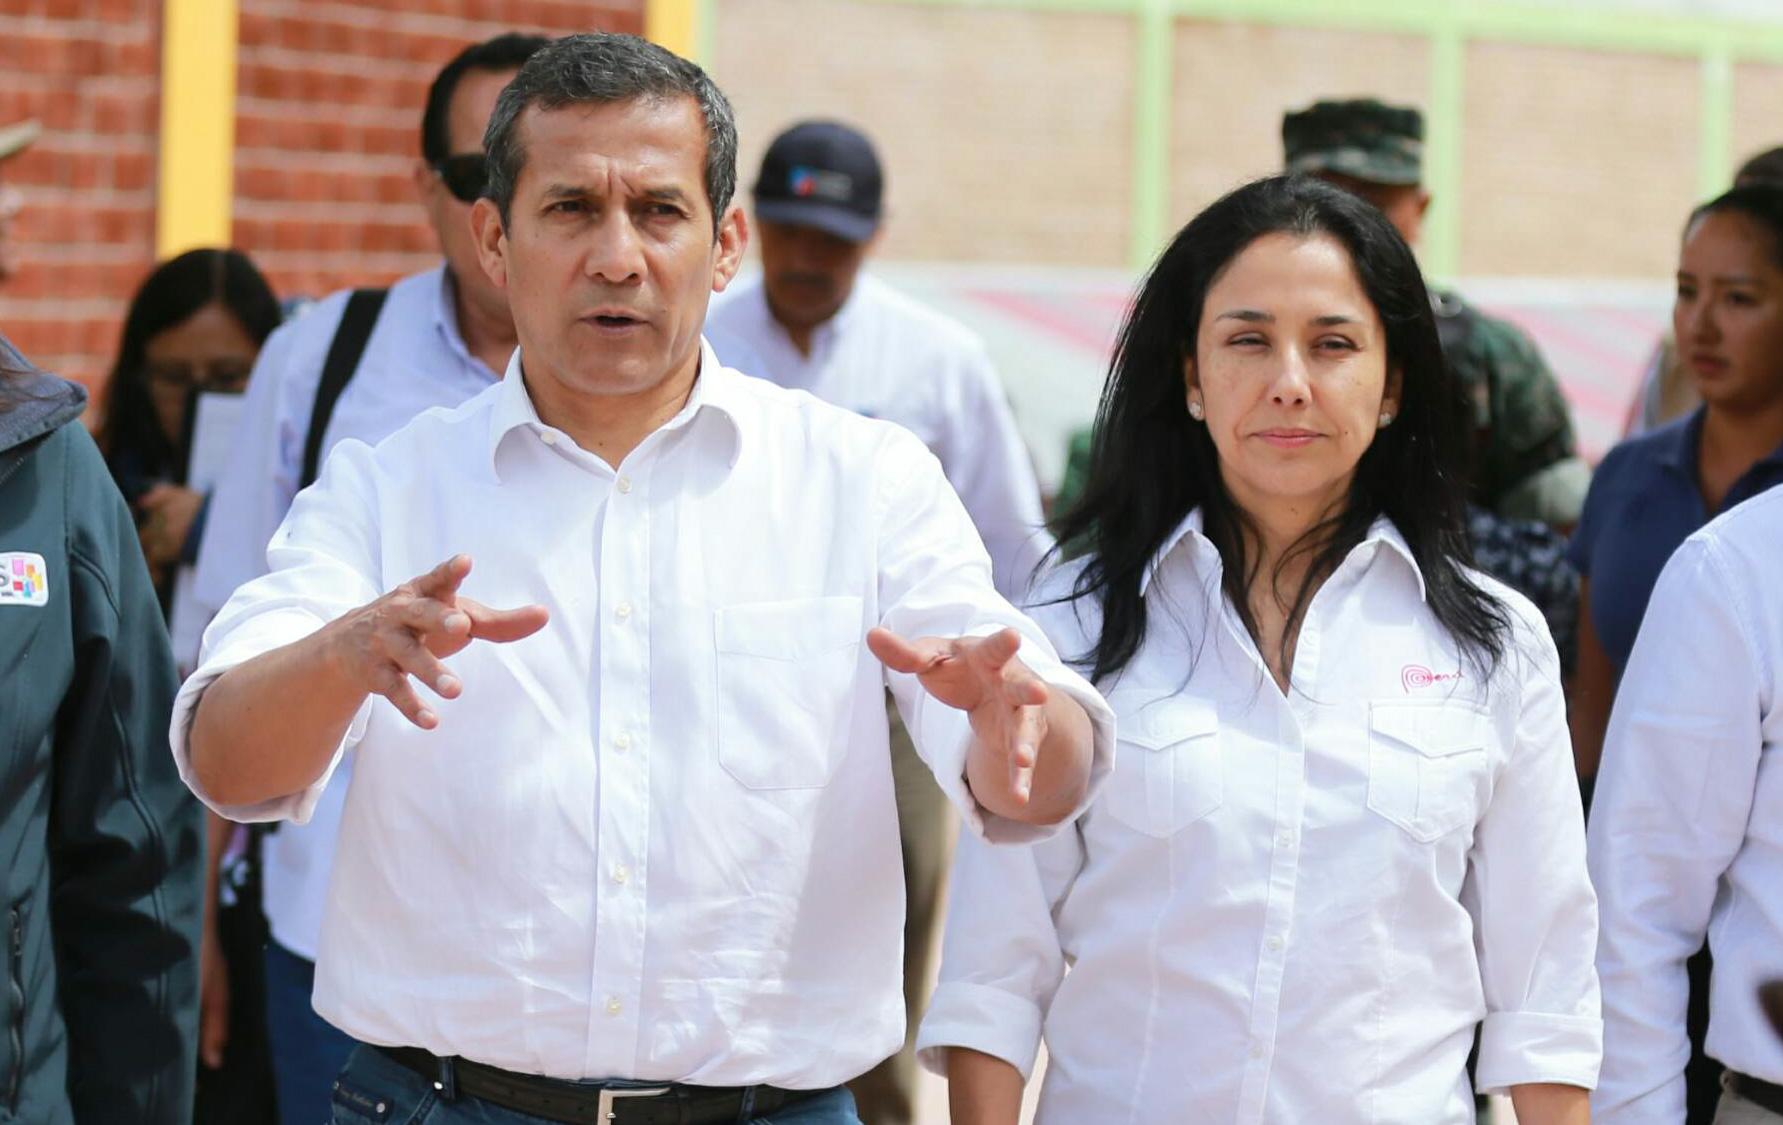 Trámite administrativo demora liberación de Ollanta Humala y Nadine Heredia